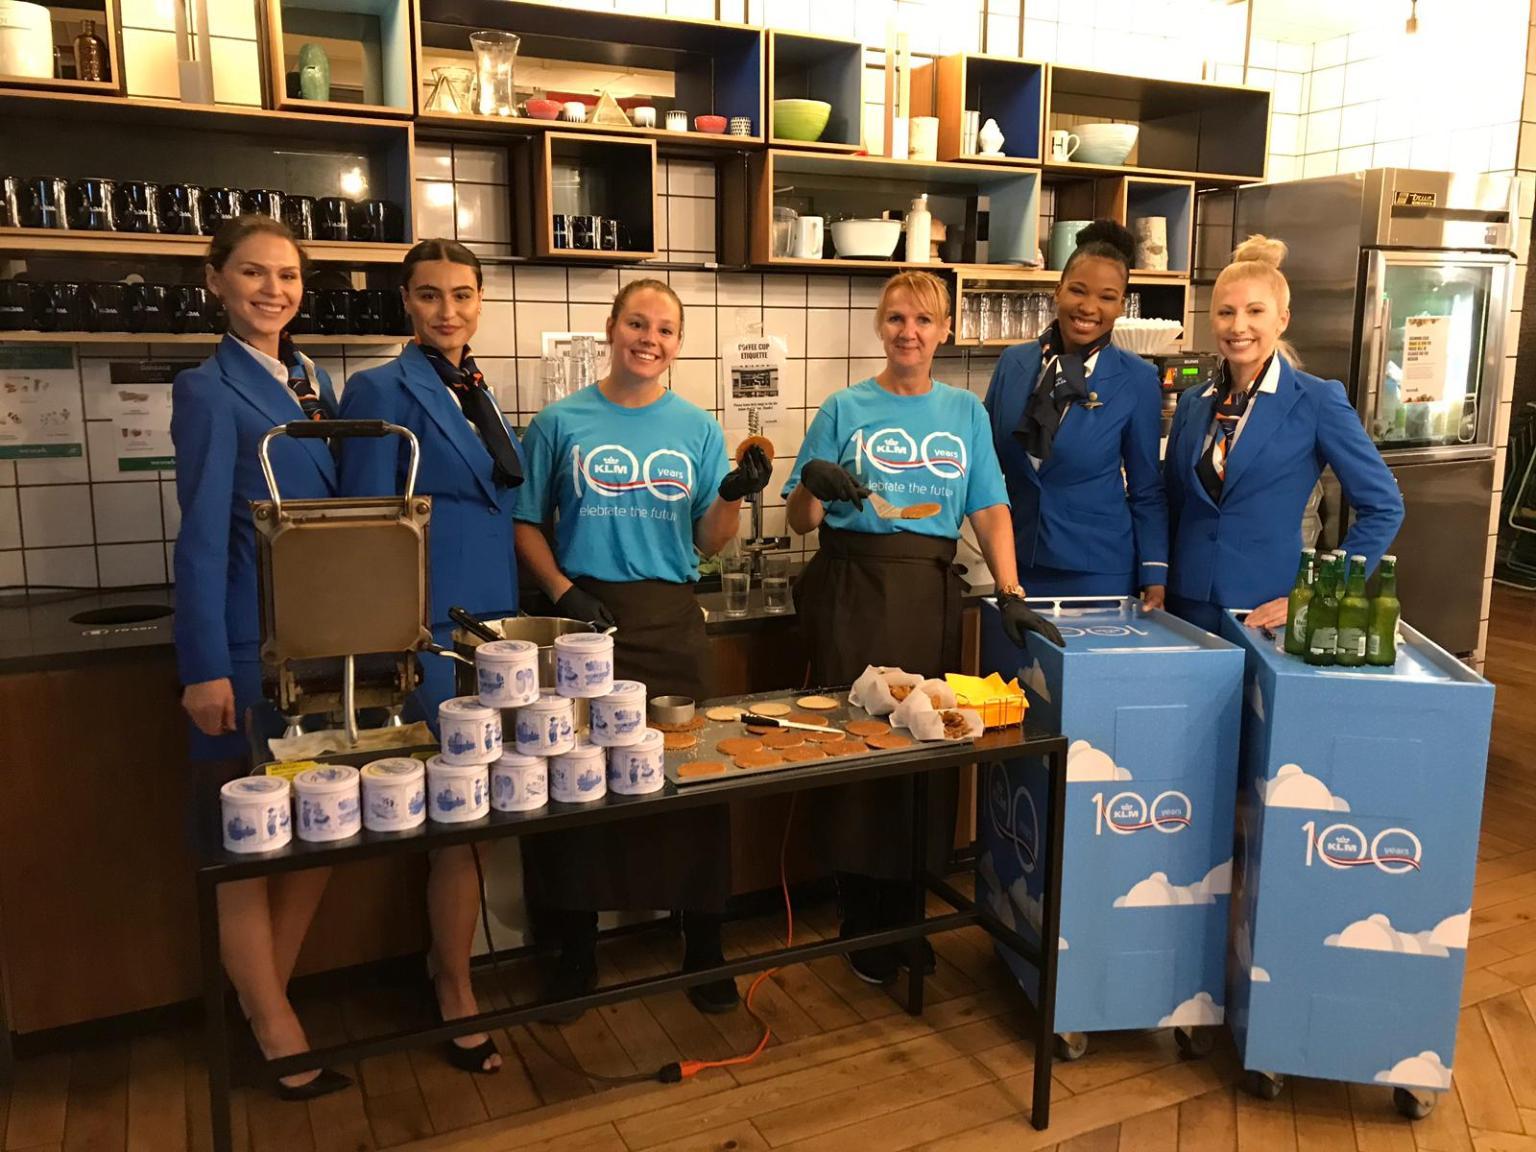 Happy birthday KLM!